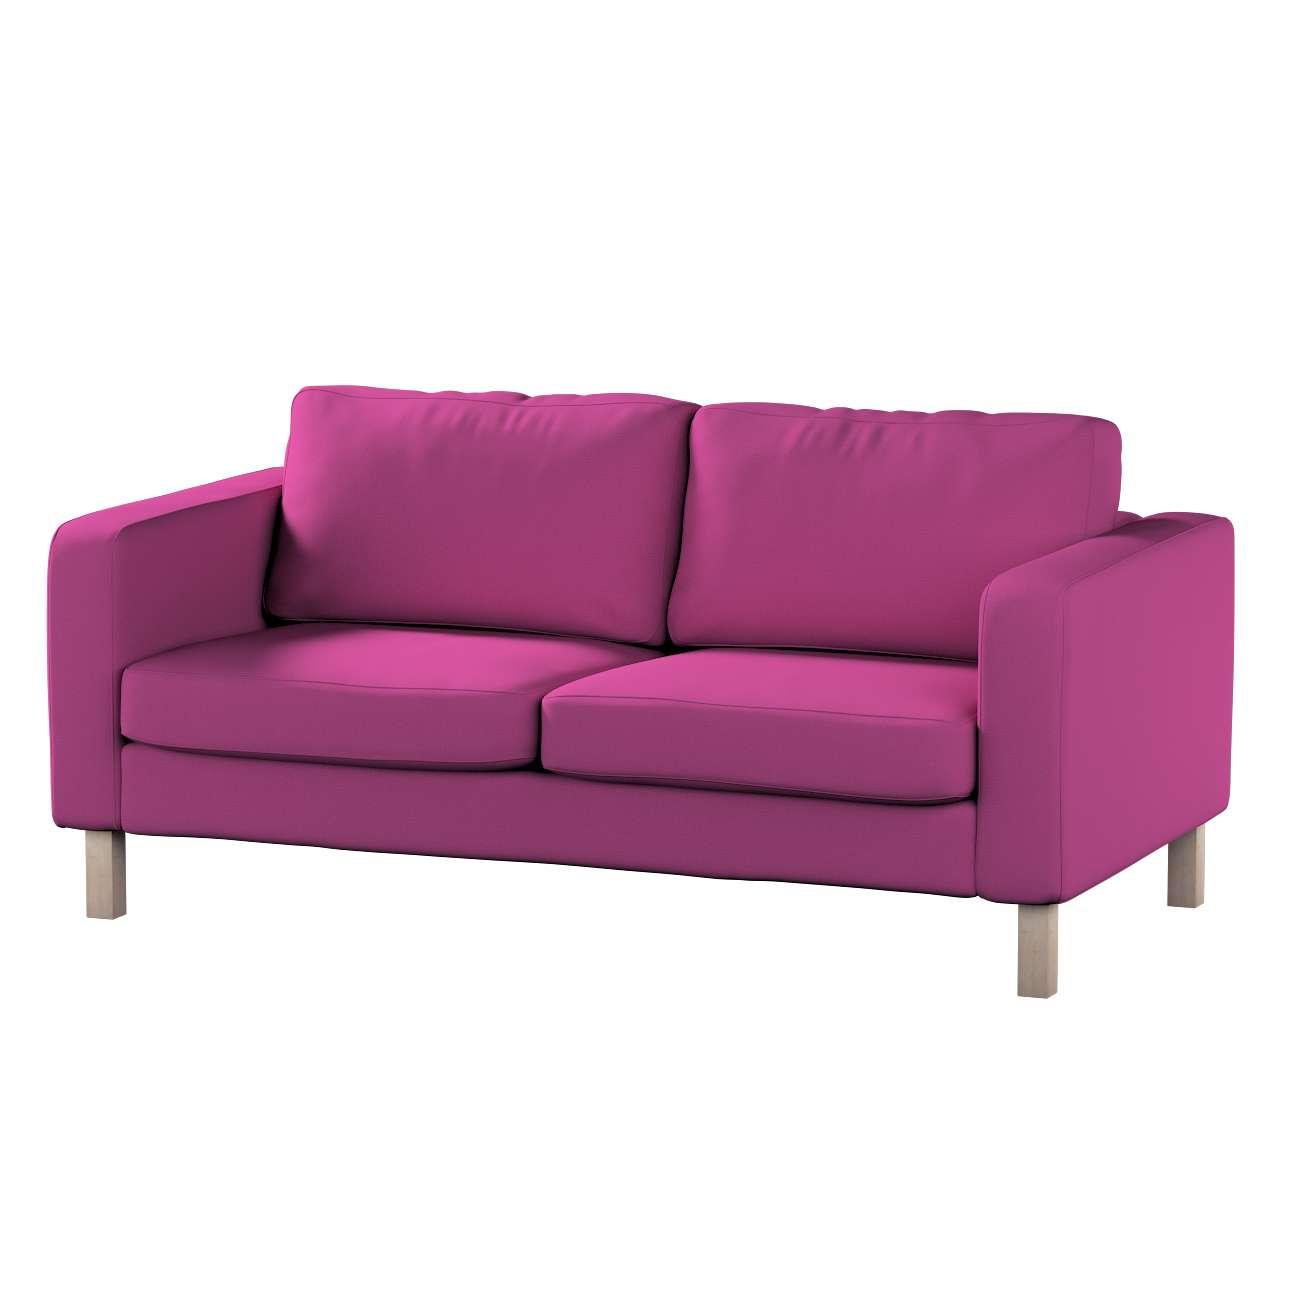 Pokrowiec na sofę Karlstad 2-osobową nierozkładaną krótki Sofa Karlstad 2-osobowa w kolekcji Etna , tkanina: 705-23